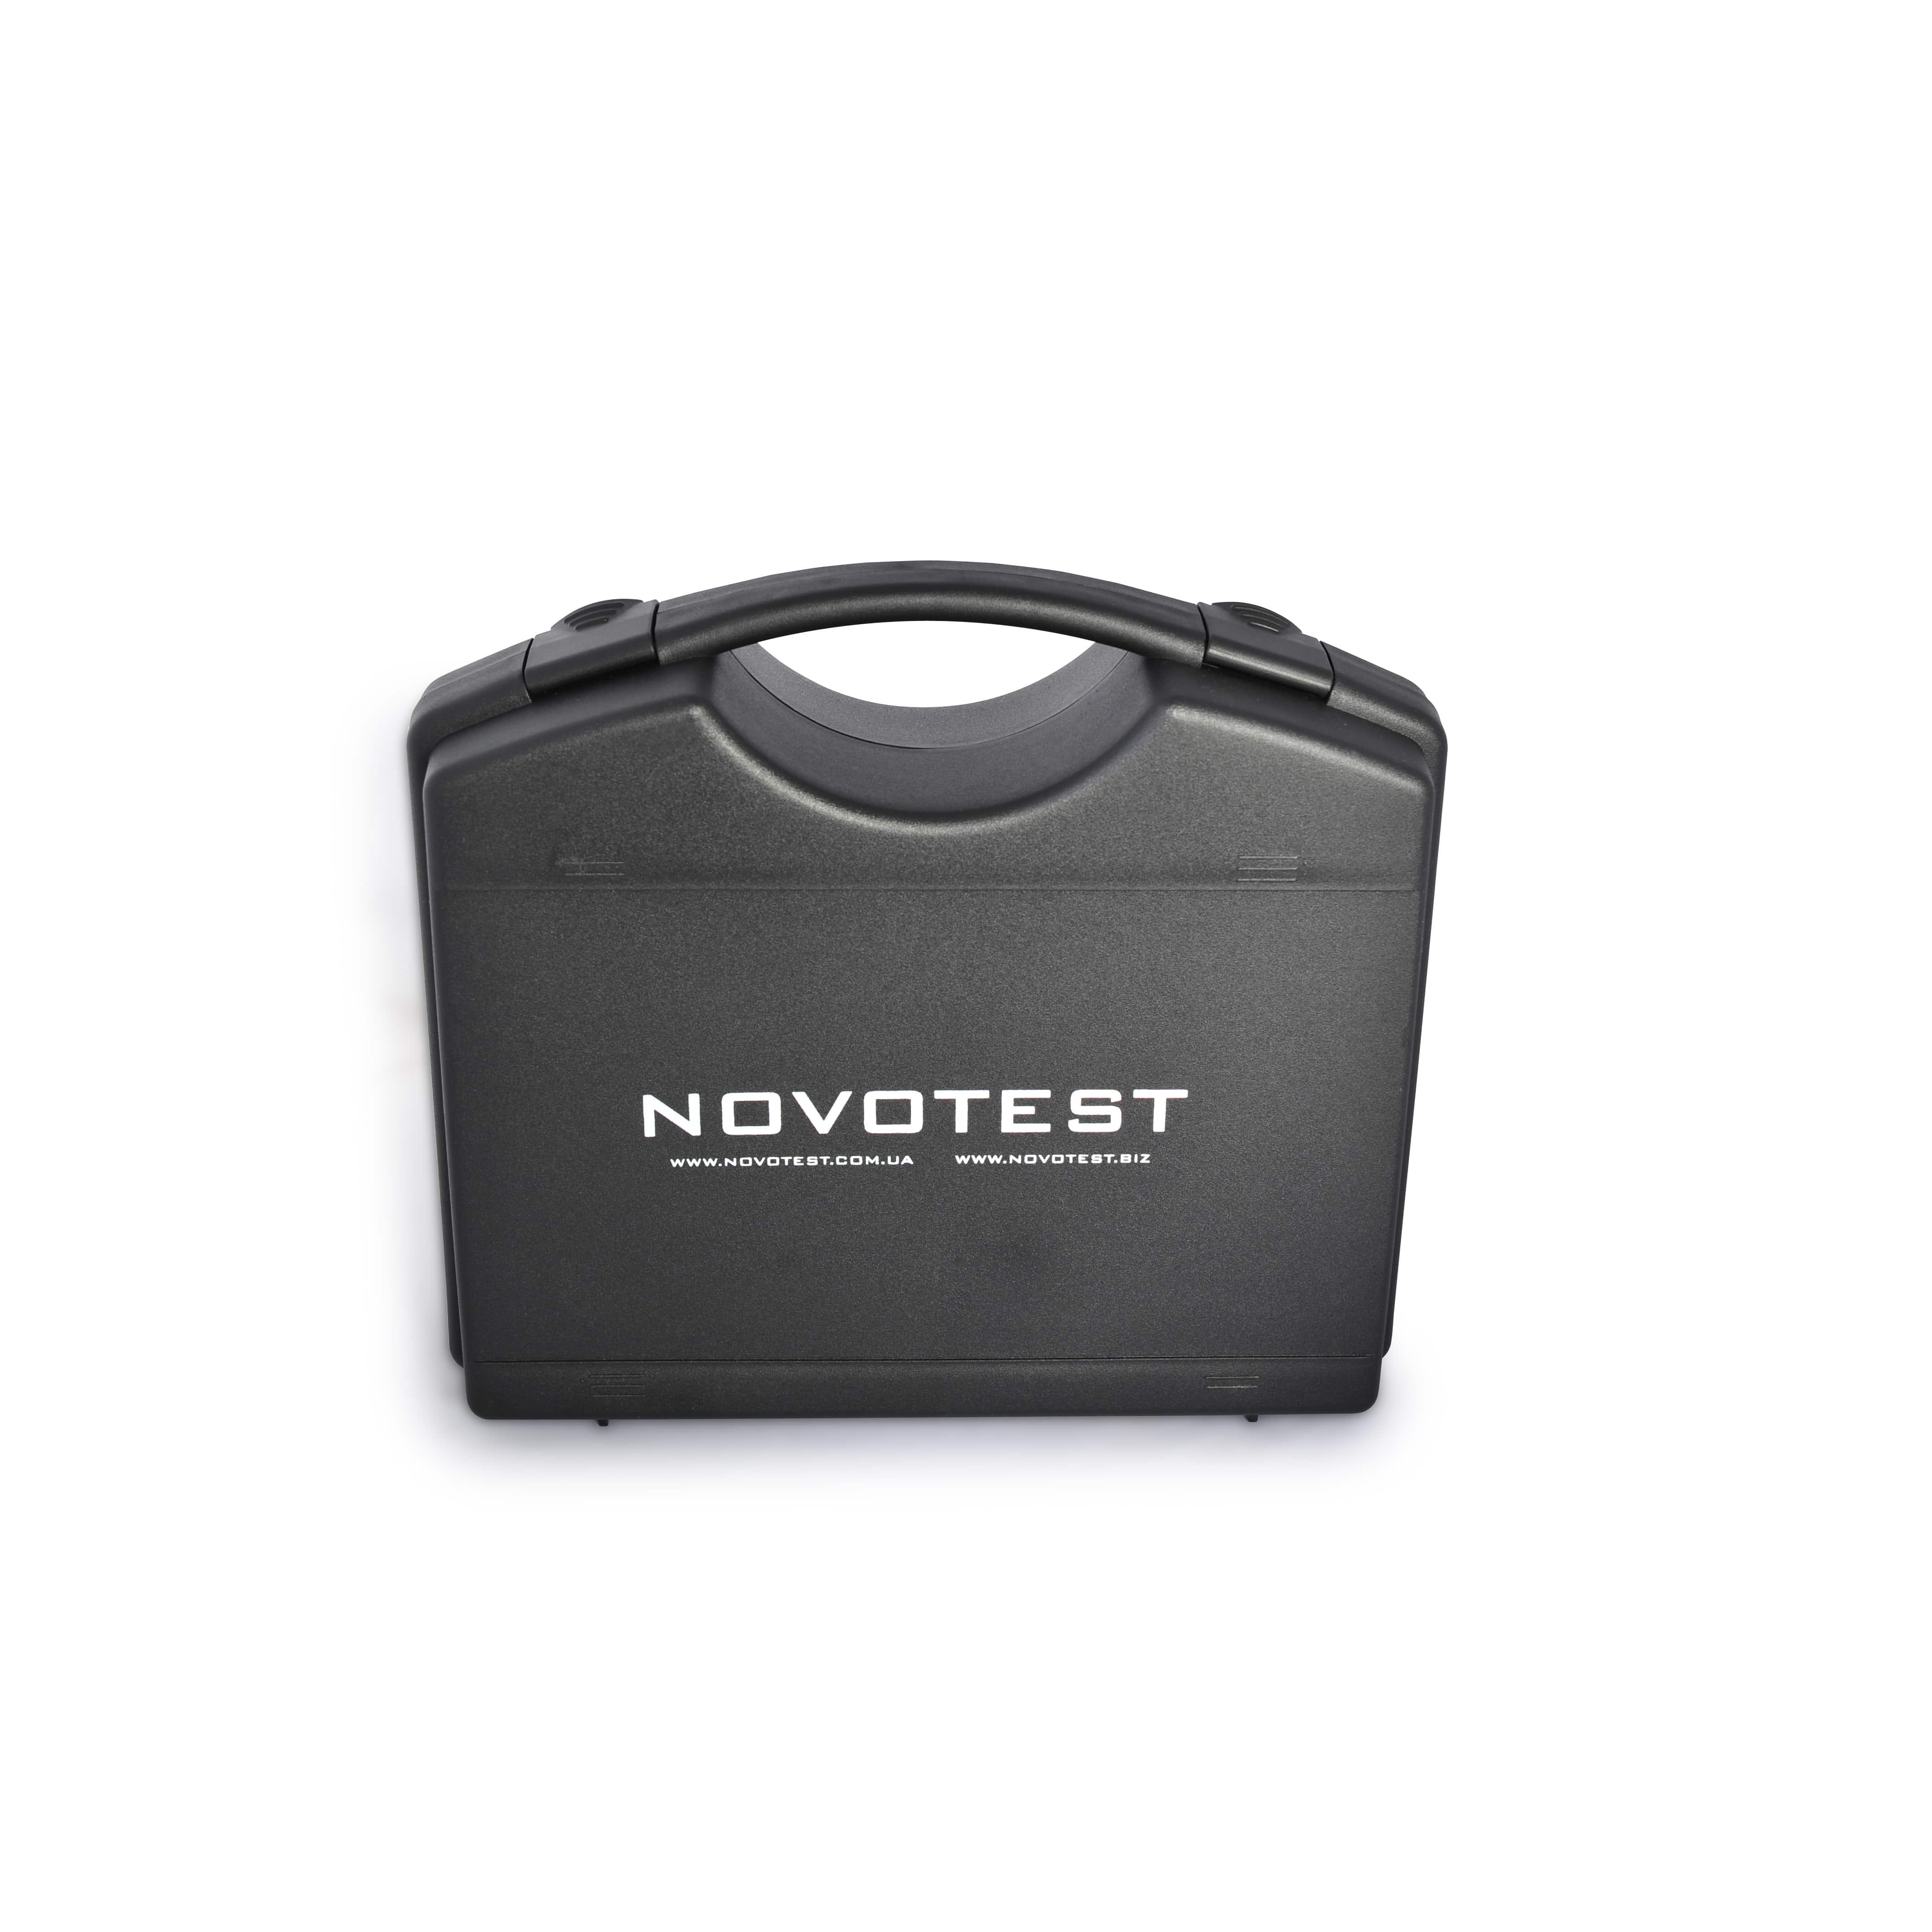 Novotest T-D3 case